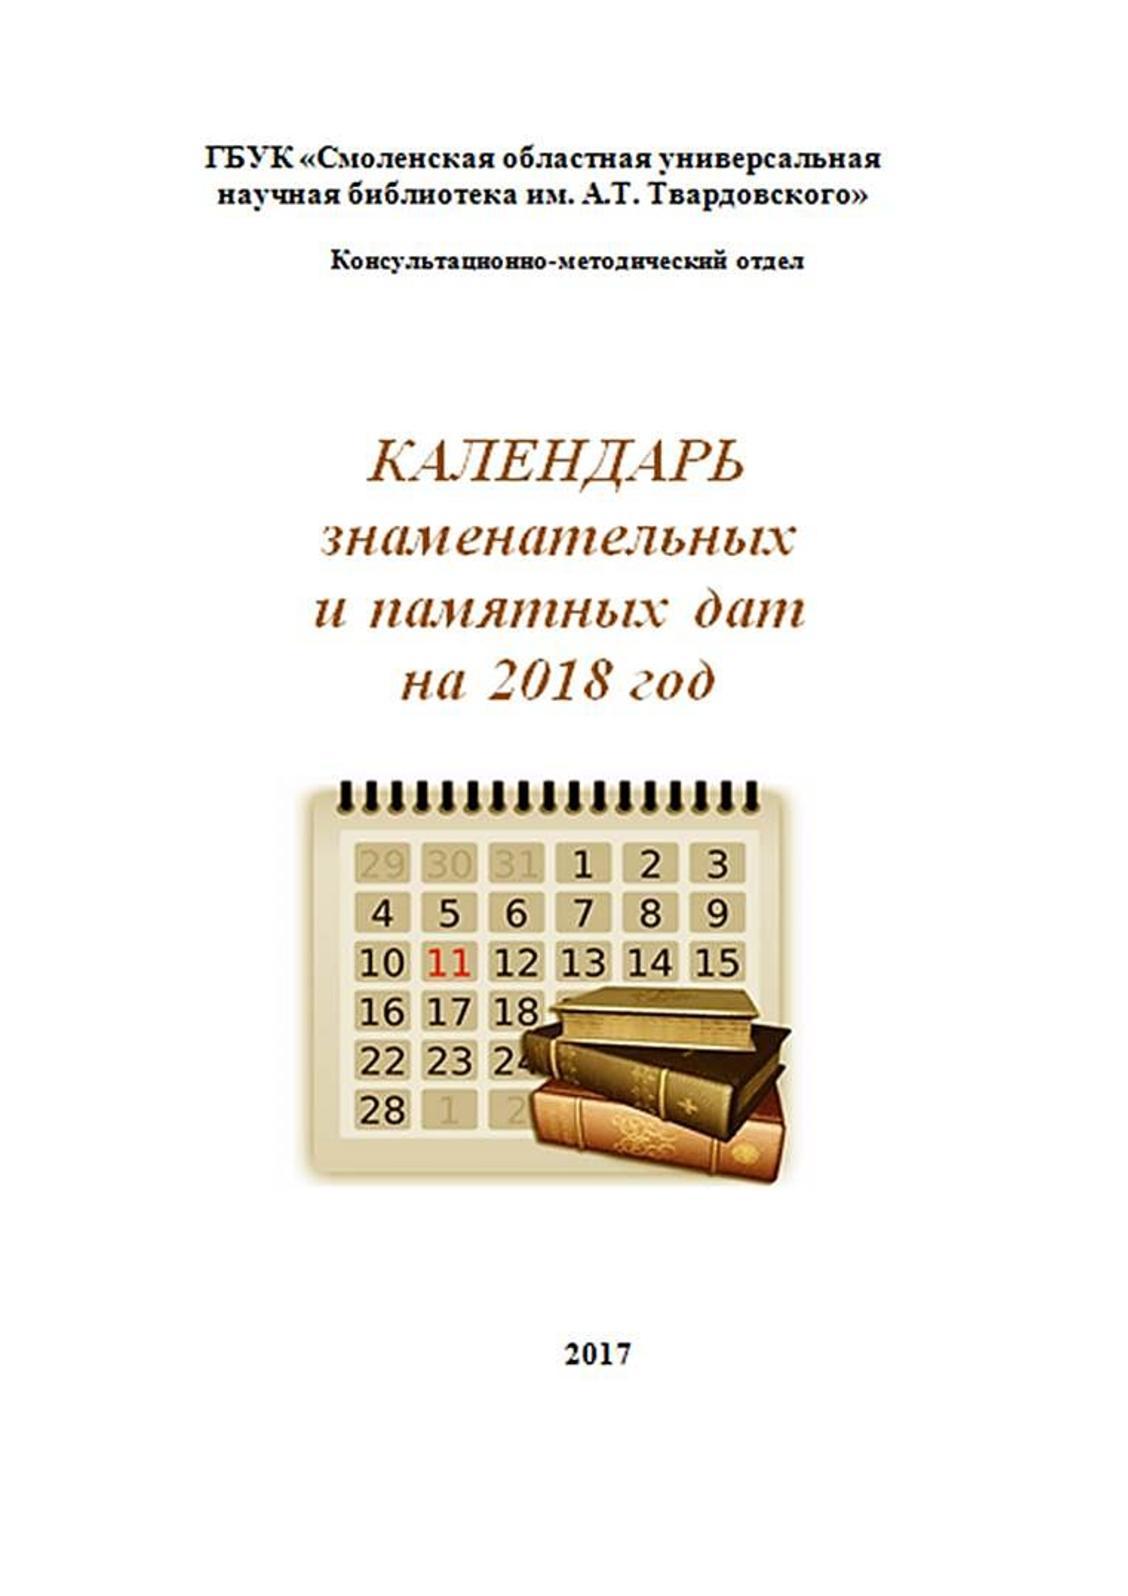 Календарь юбилейных дат на 2018 год для библиотек